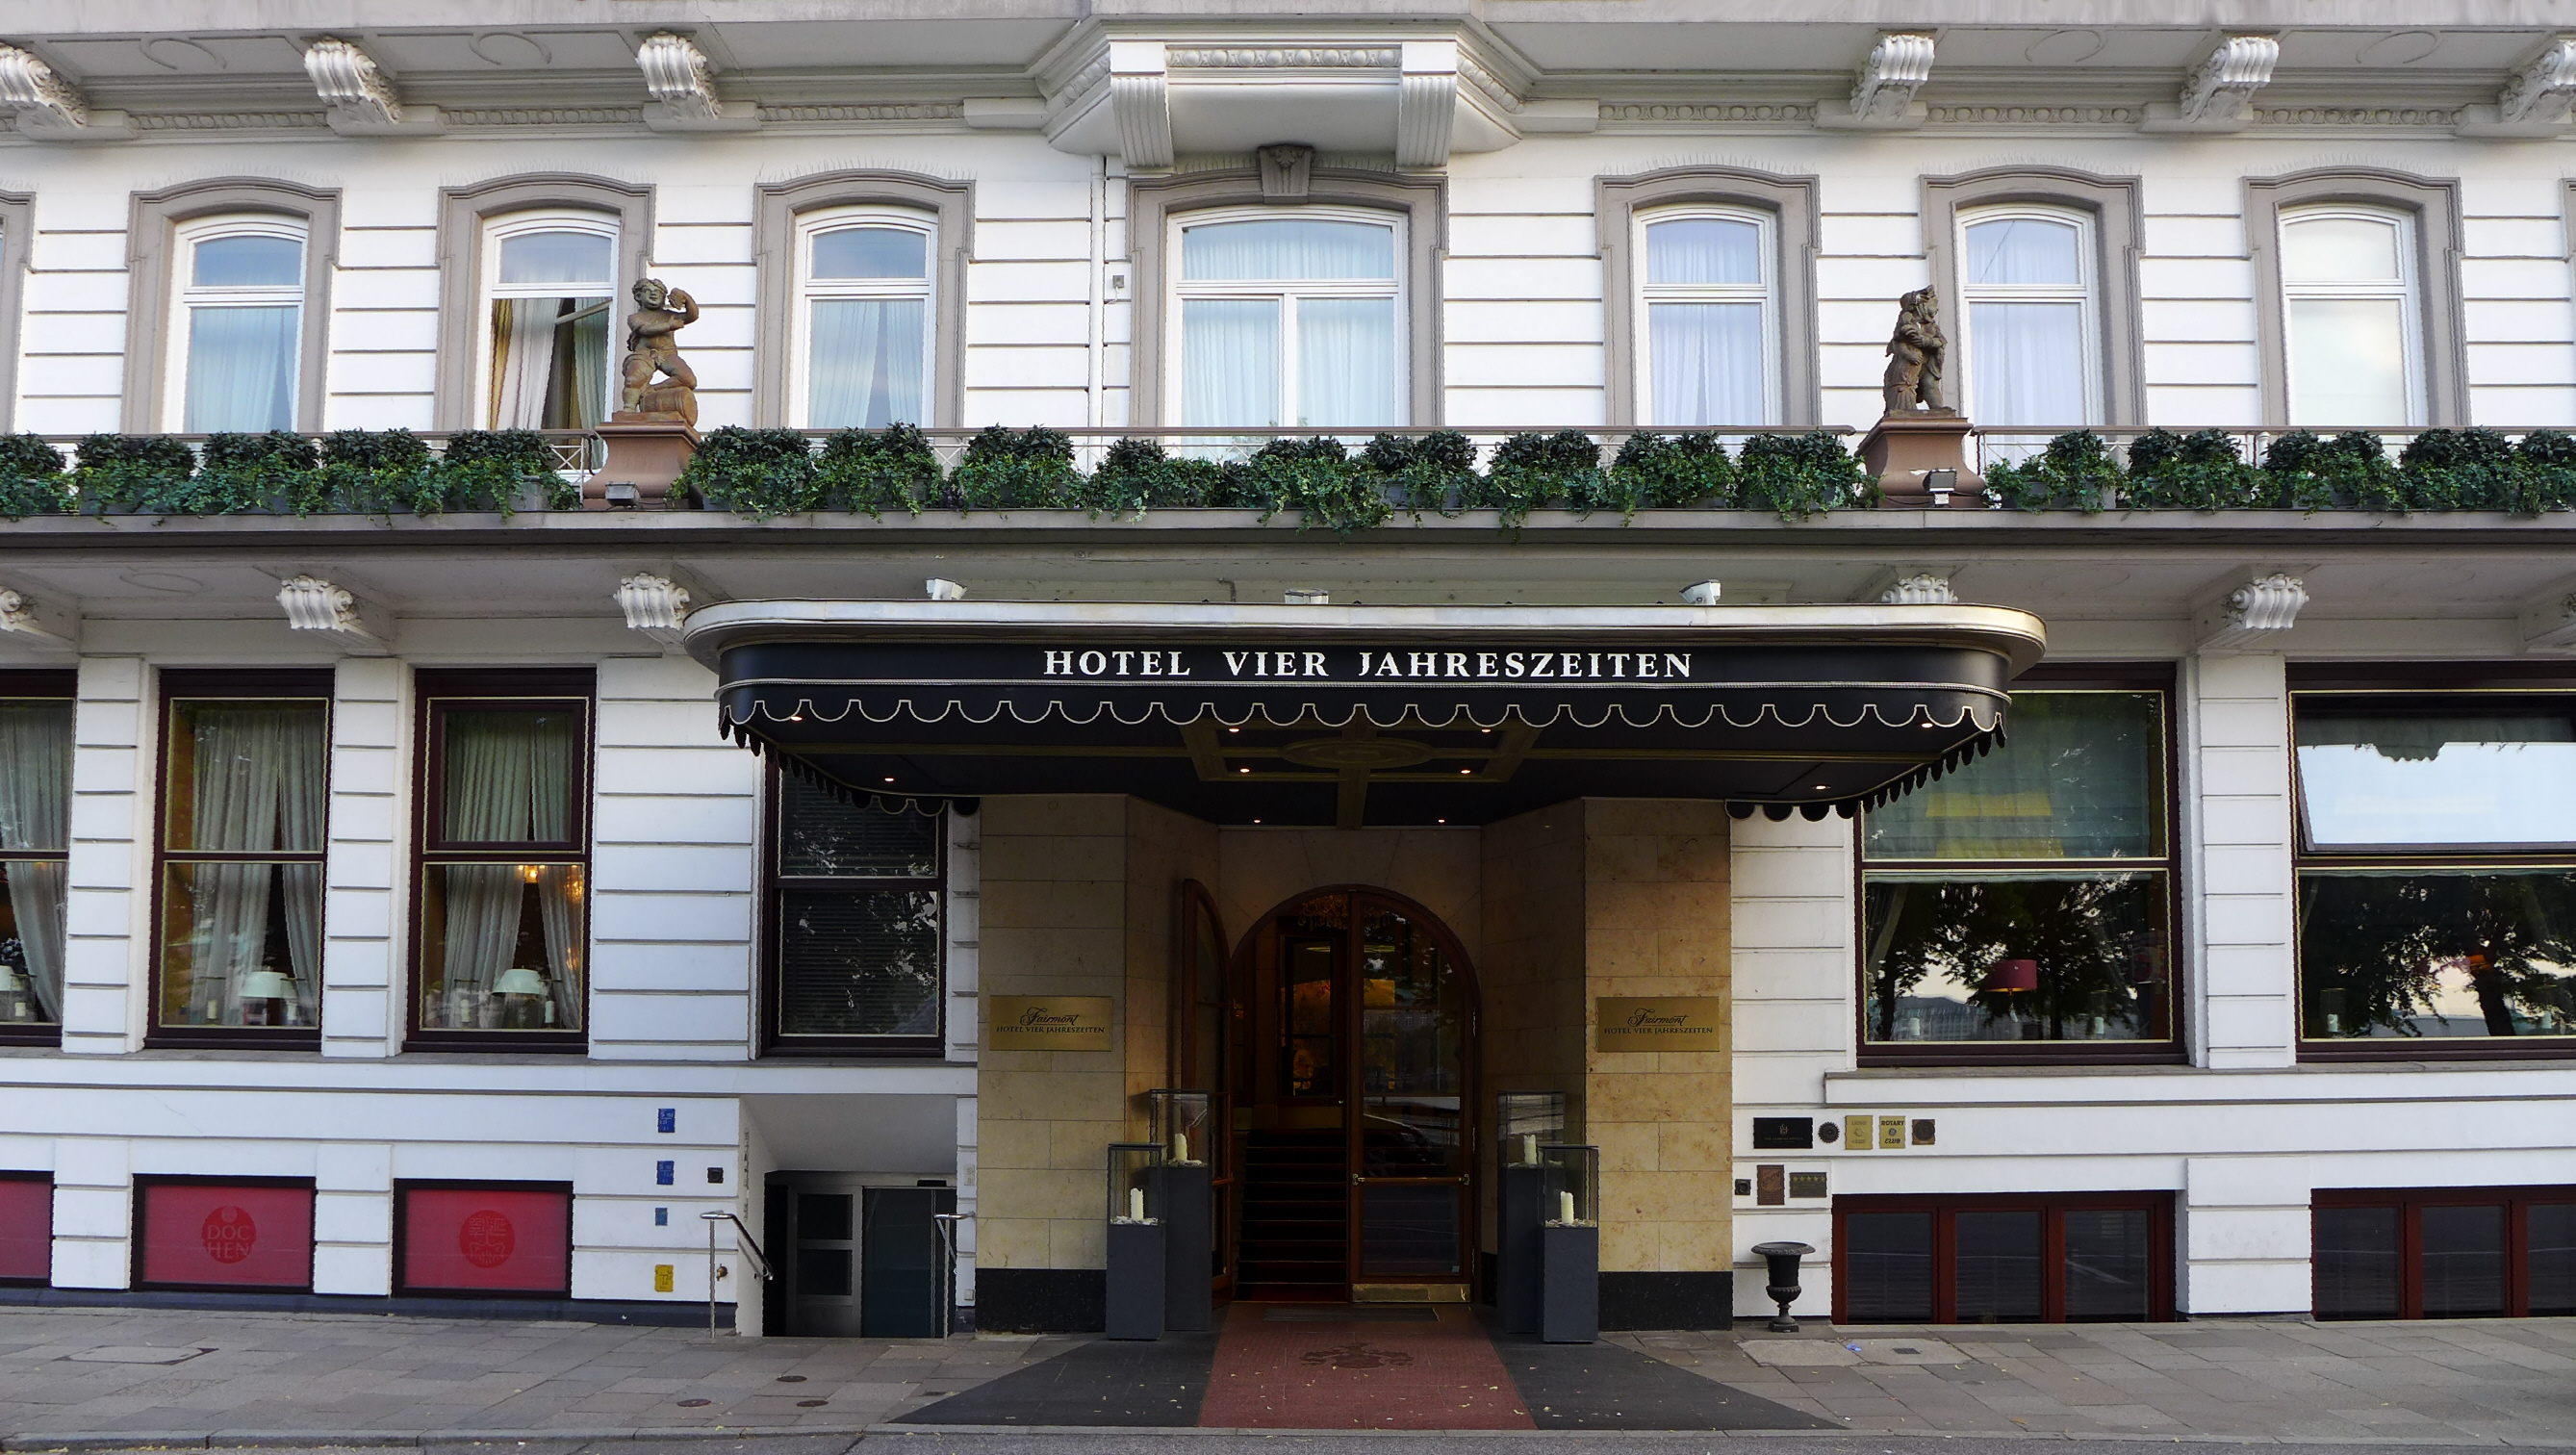 Datei Fairmont Hotel Vier Jahreszeiten Hamburg Jpg Wikipedia